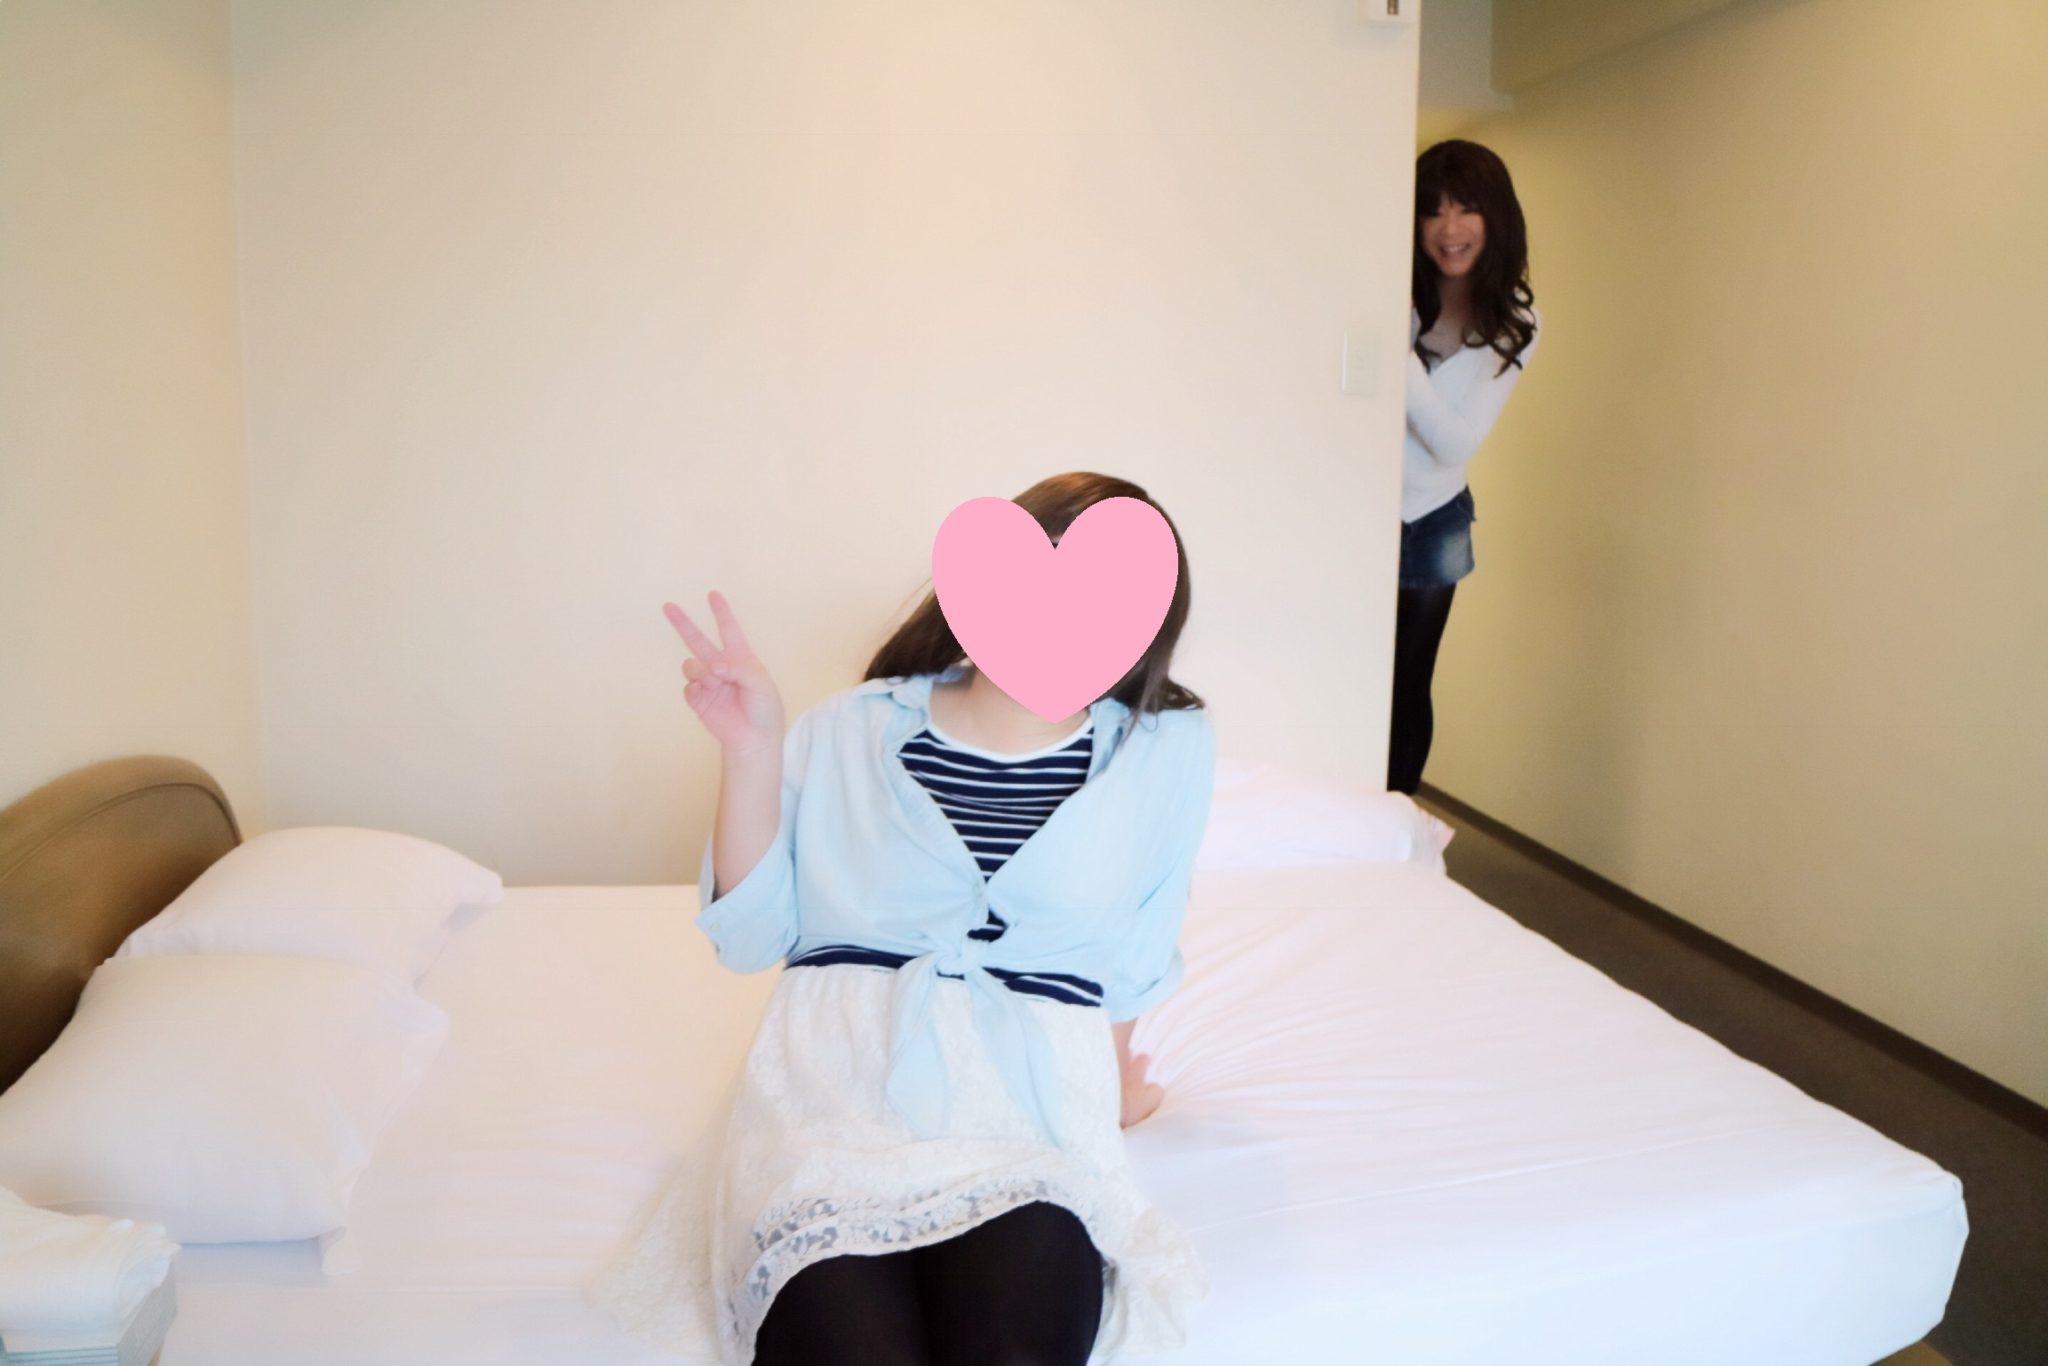 危険な撮影会💖あなた色に染められて・・・女装レズ&SM3Pコース 新まどかちゃん編